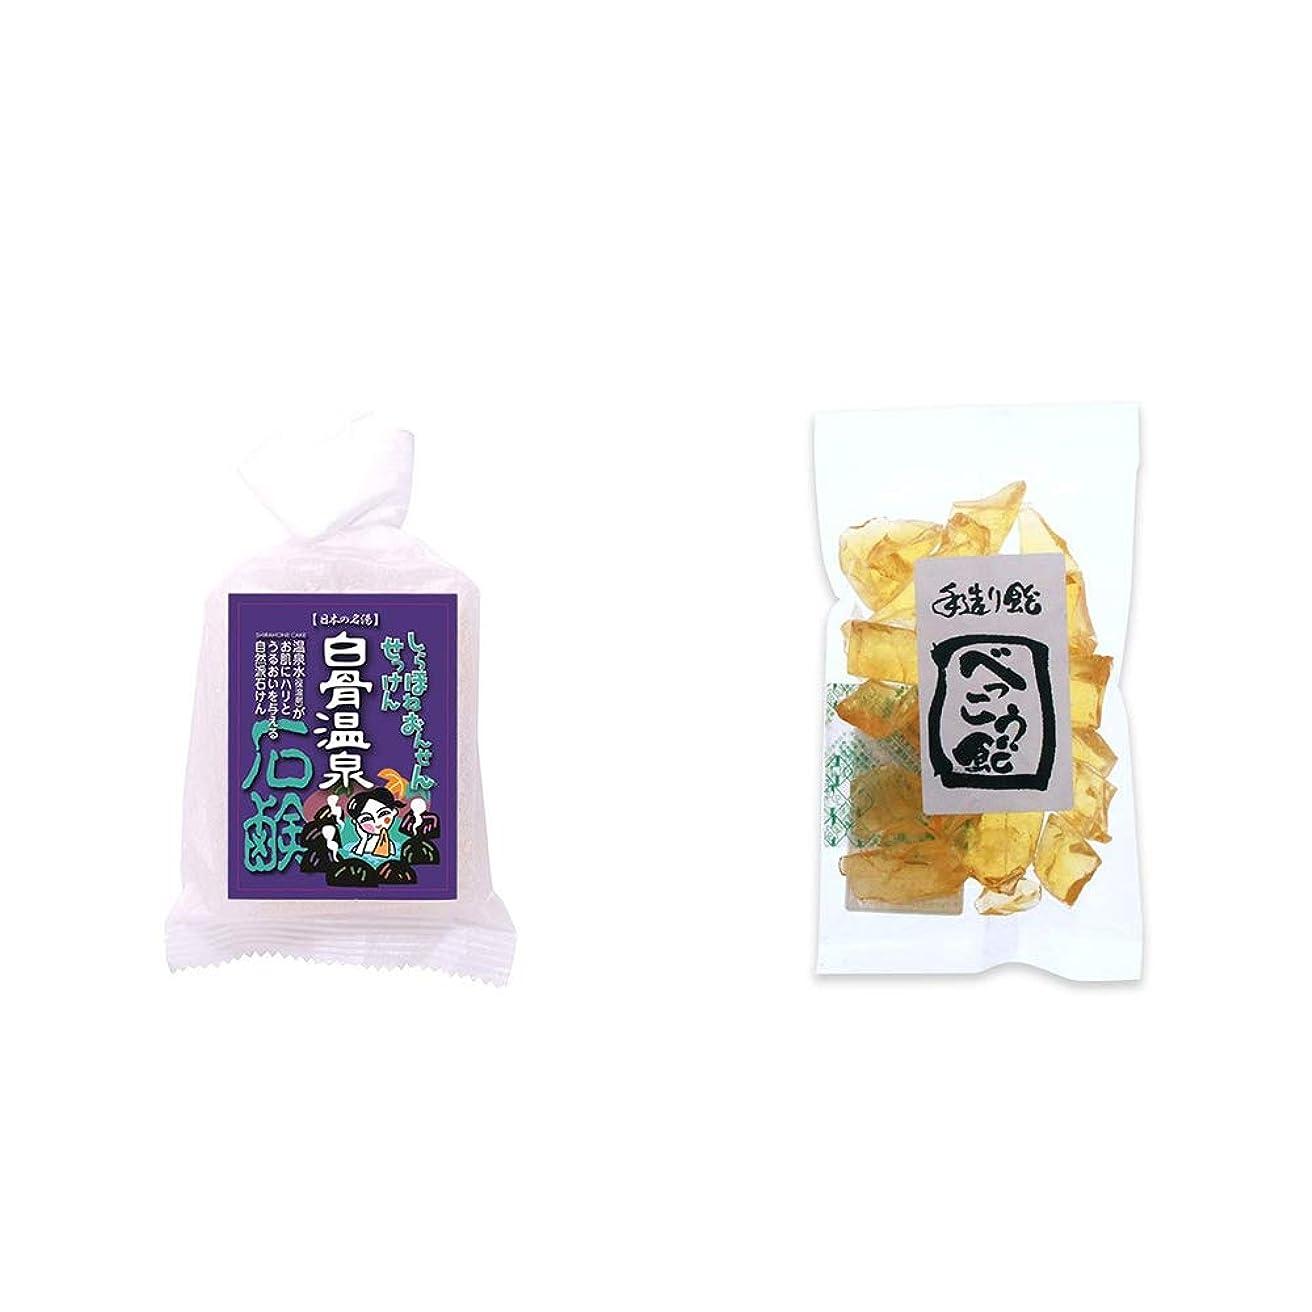 規則性革命不実[2点セット] 信州 白骨温泉石鹸(80g)?べっこう飴(160g)